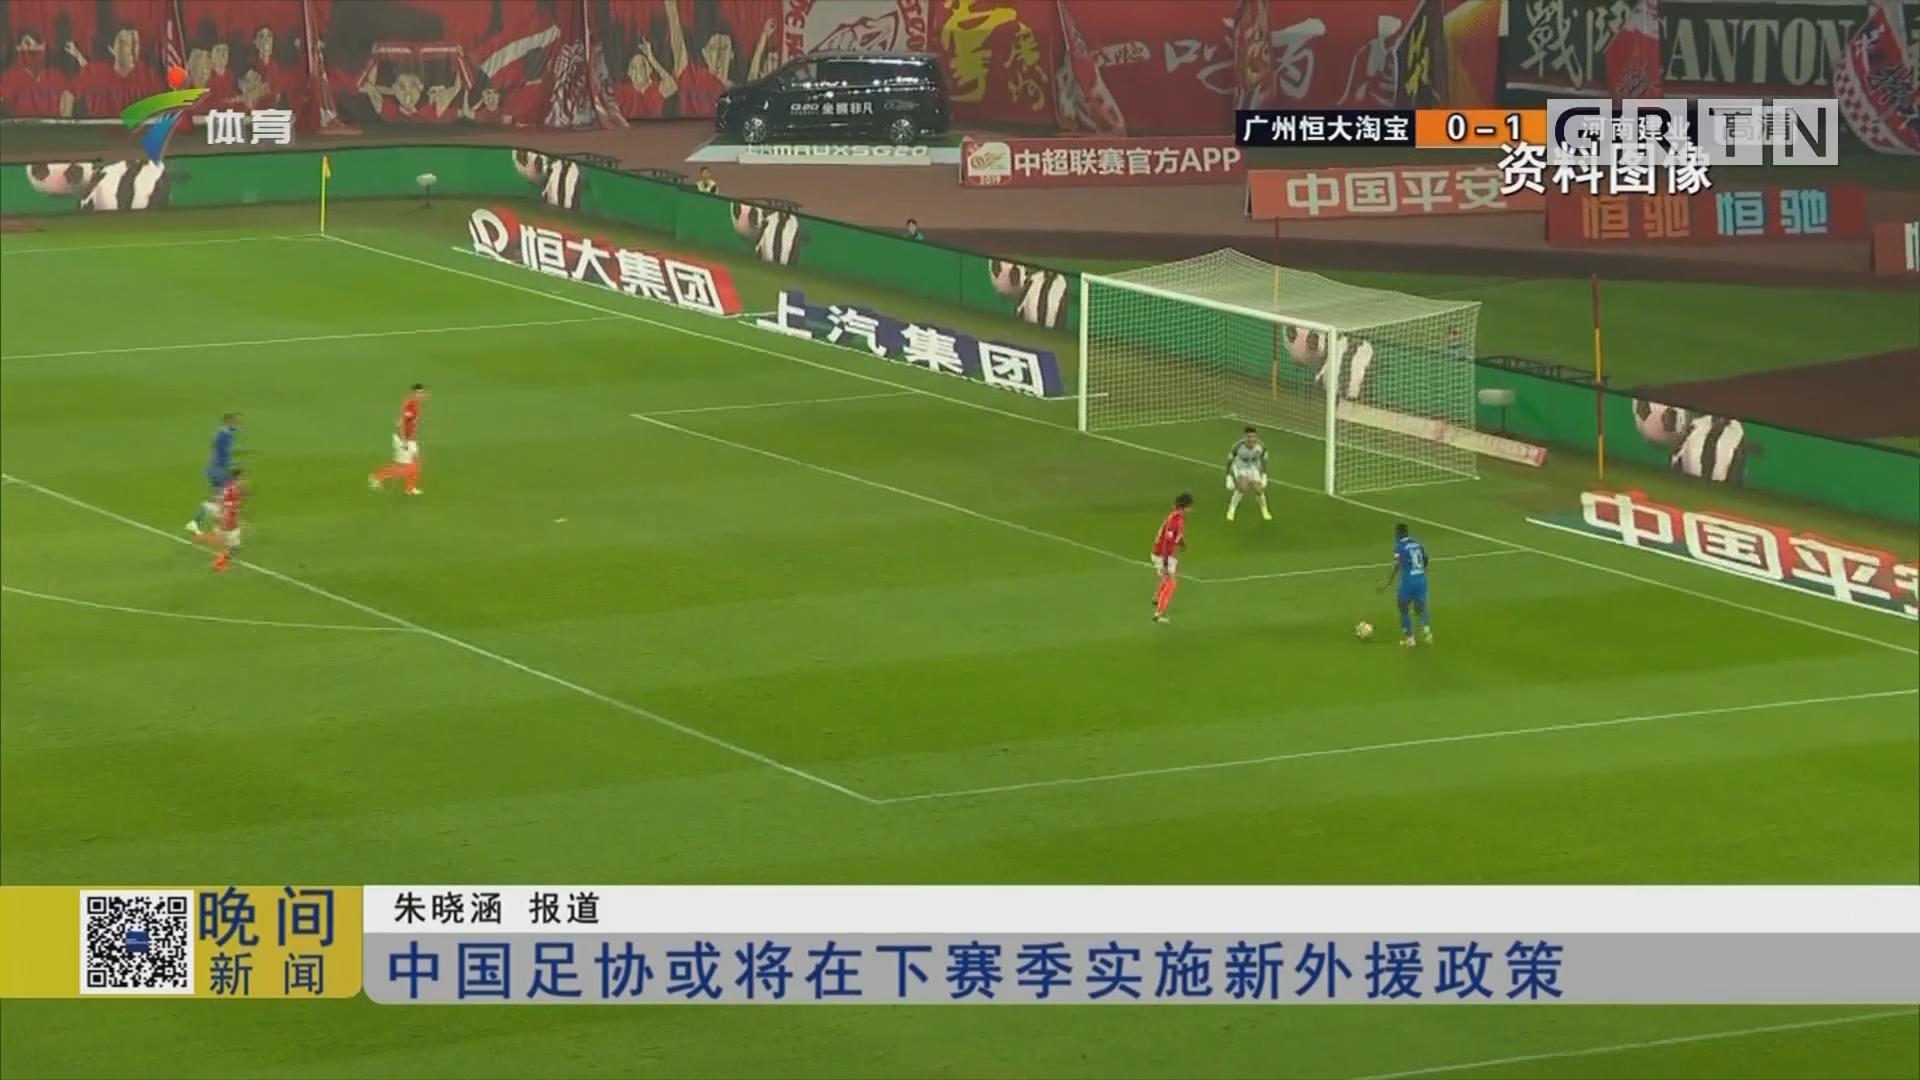 中国足协或将在下赛季实施新外援政策